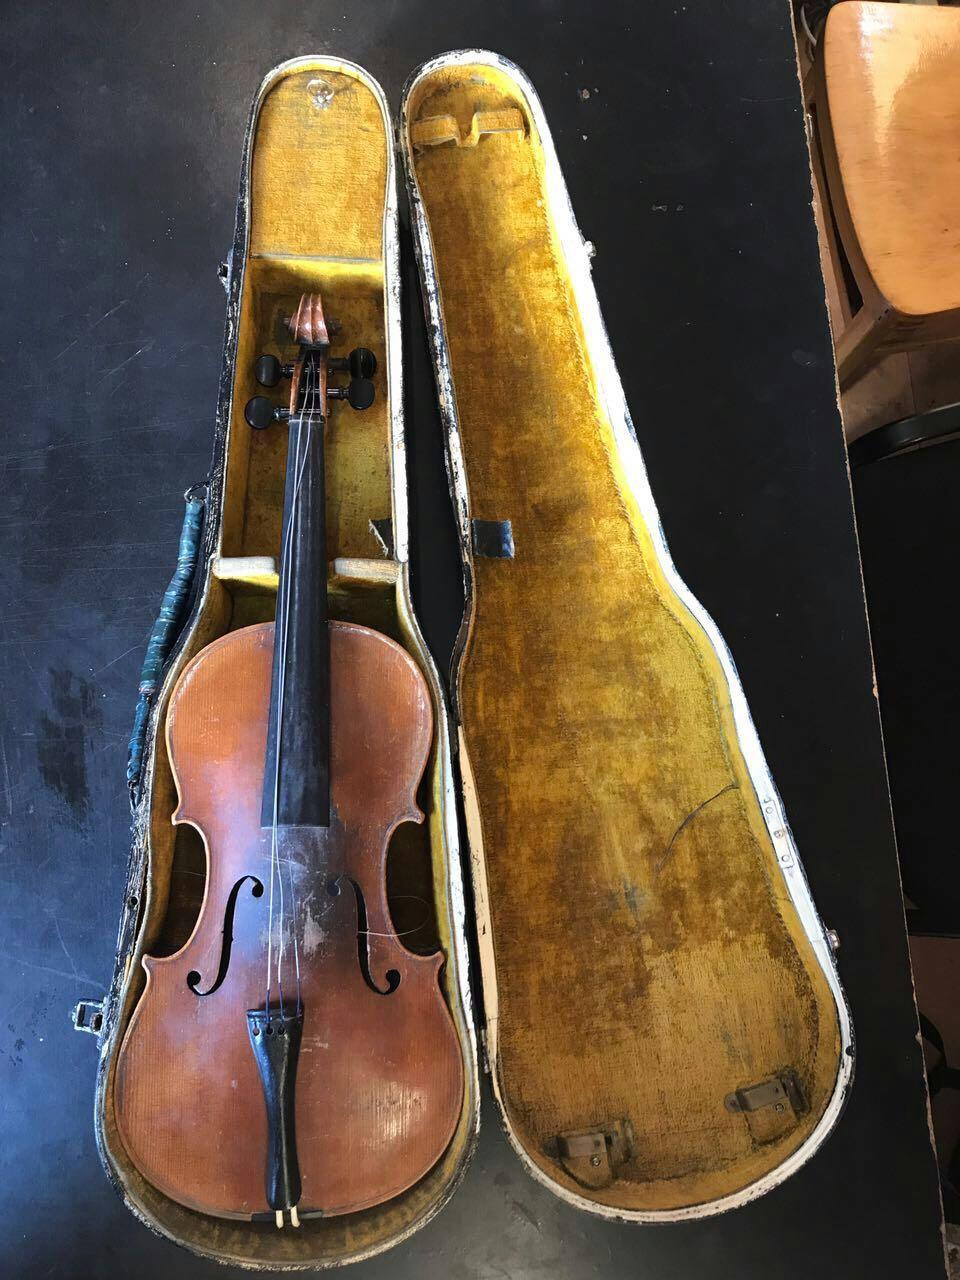 Пограничники обнаружили скрипку Страдивари